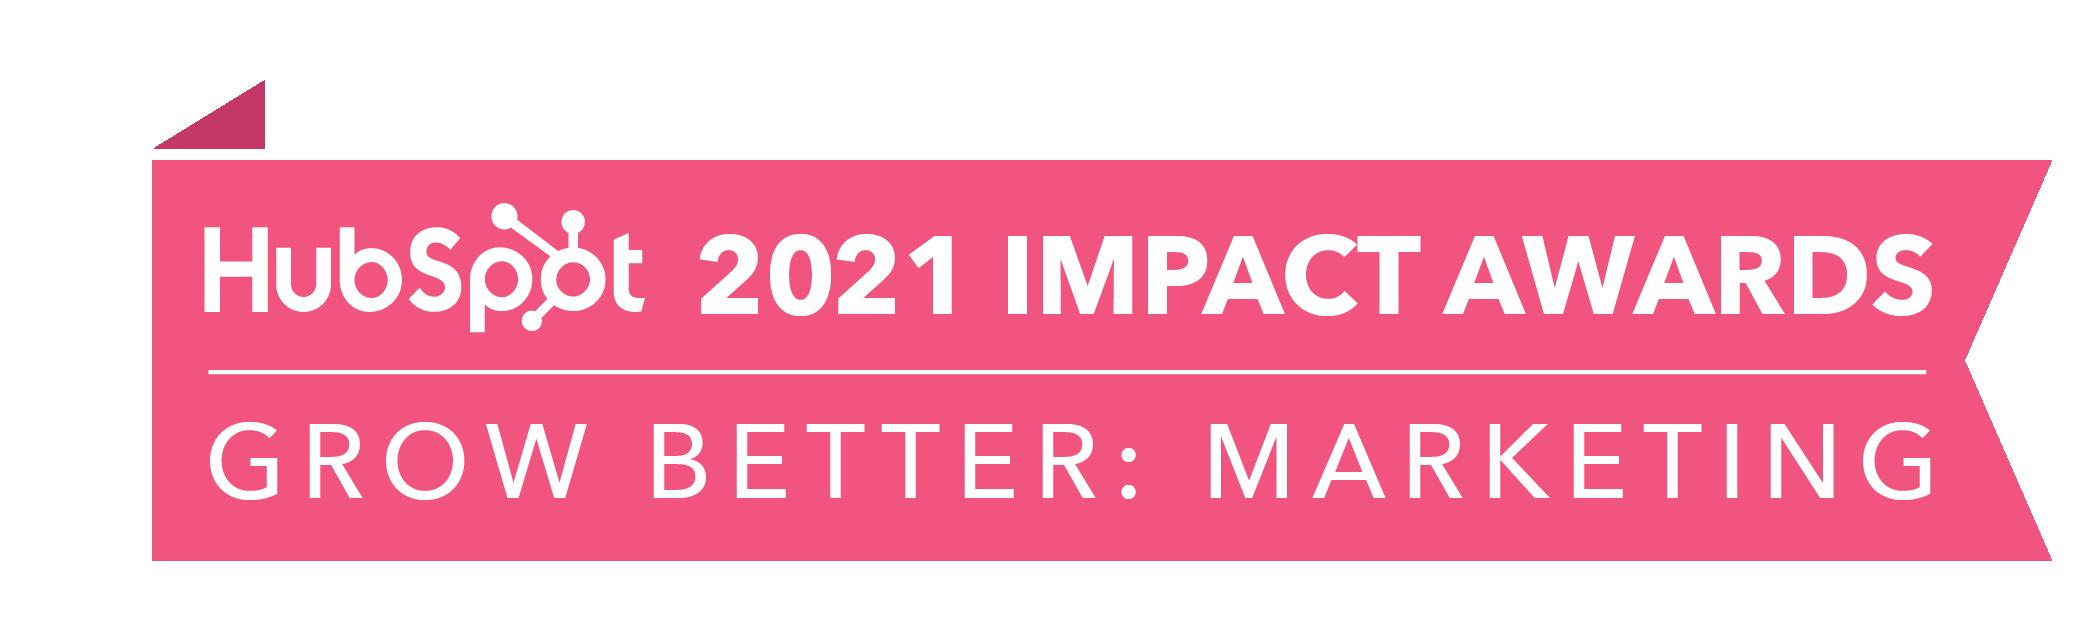 HubSpot_ImpactAwards_2021_GBMarketing2-2